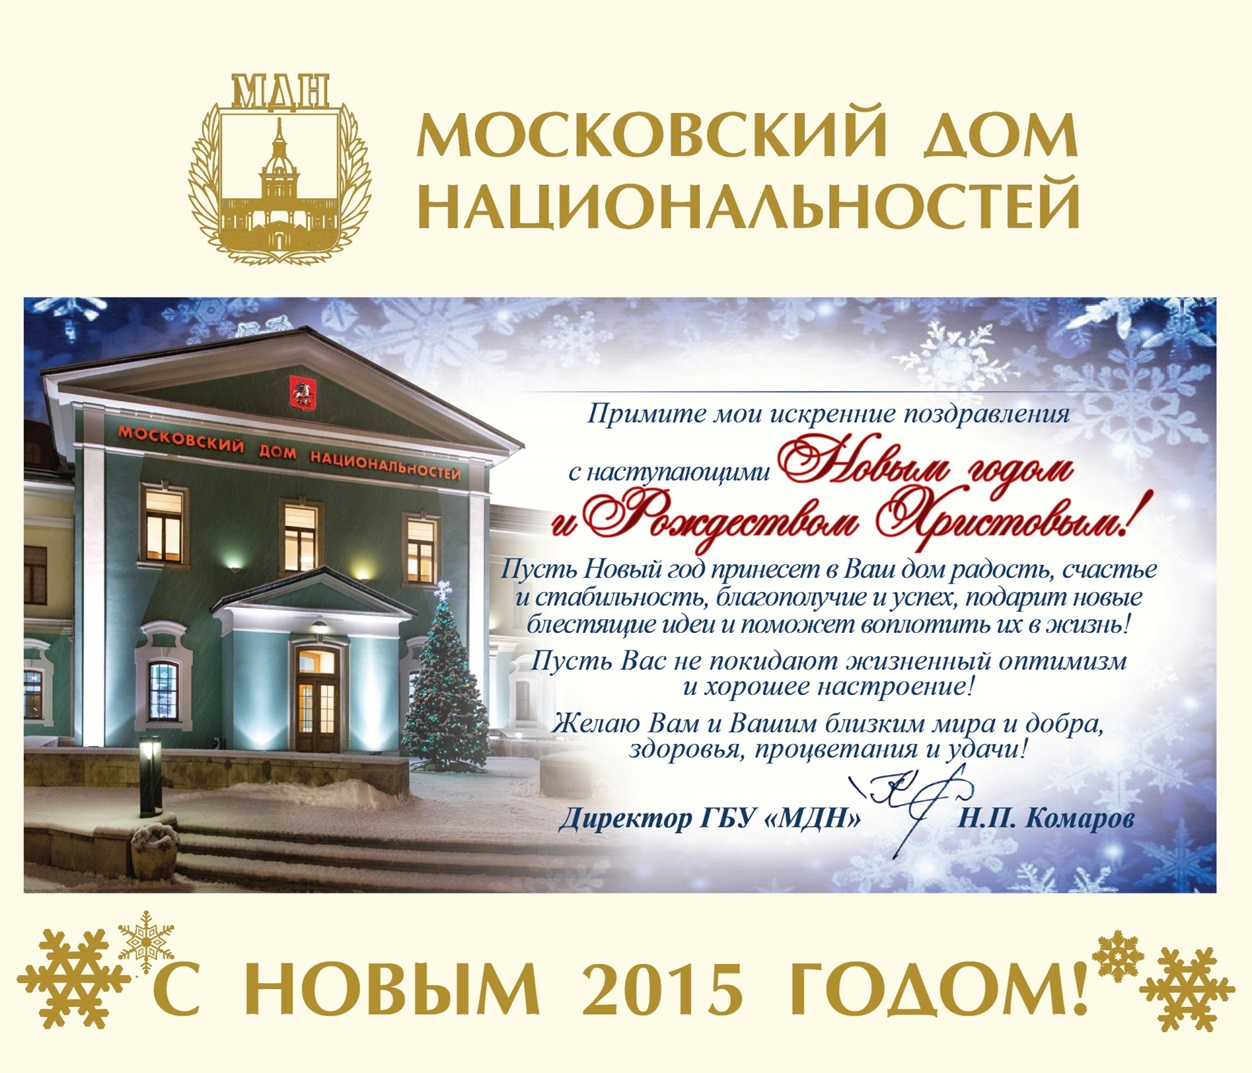 Московский Дом национальностей поздравляет Центр поморской культуры с Новым годом и Рождеством Христовым